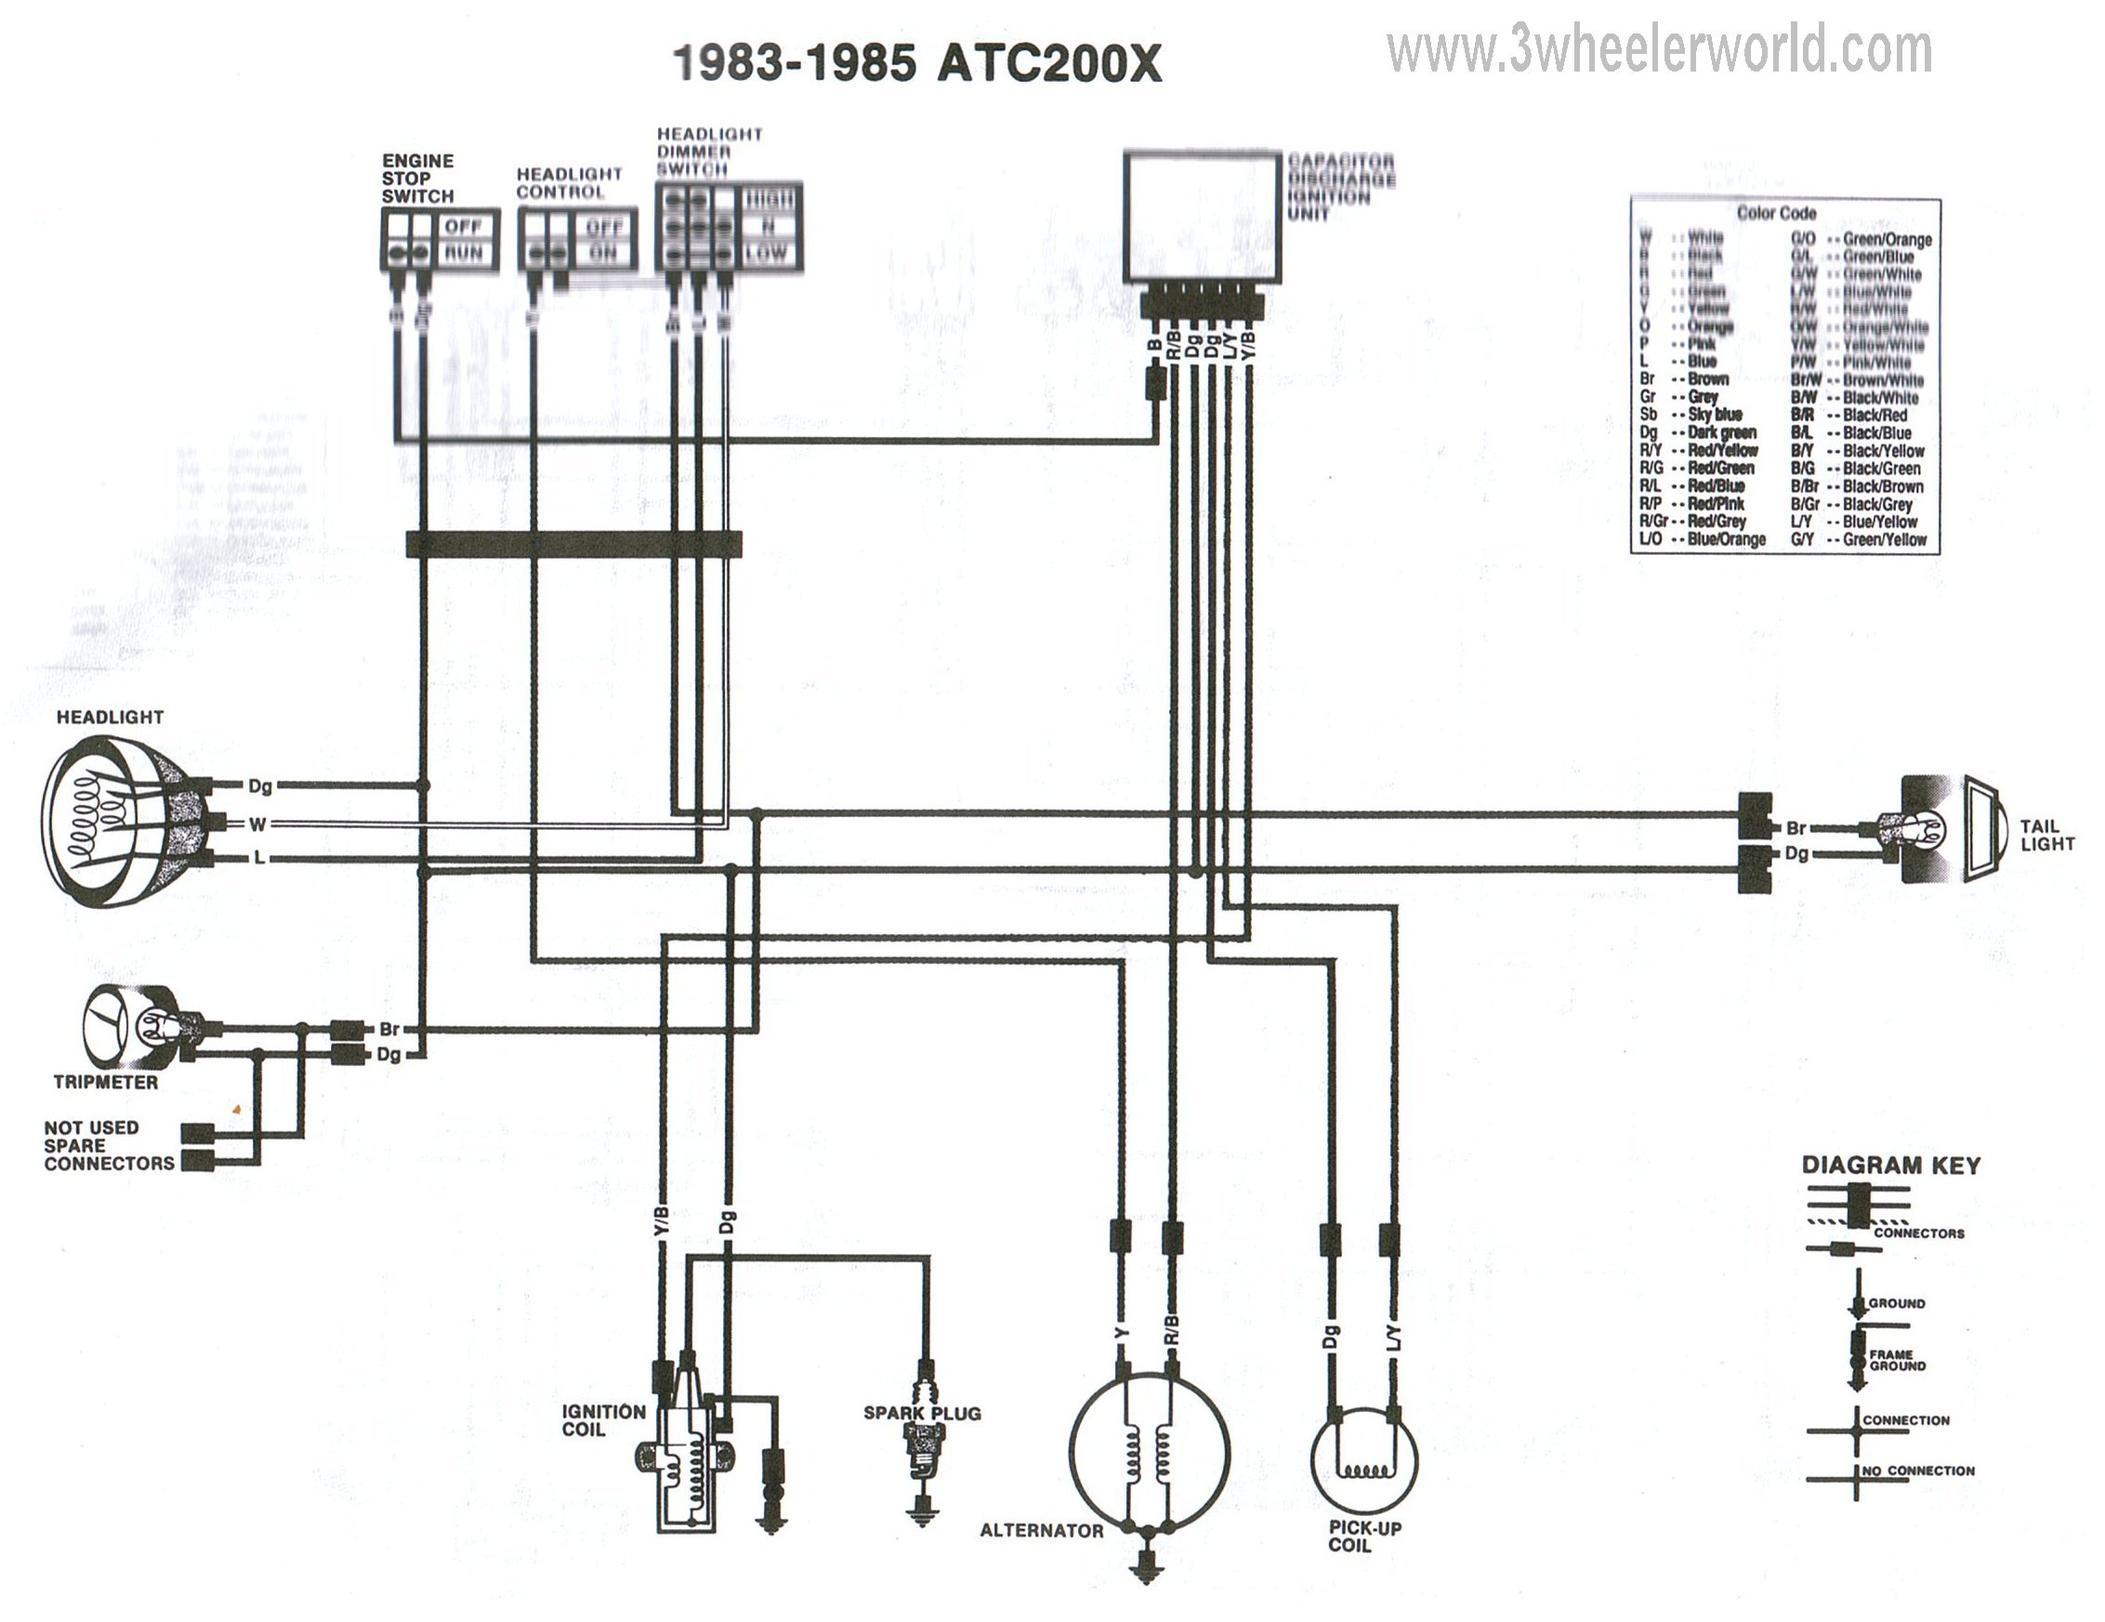 honda 300 cdi wire diagram  honda  wiring diagram images